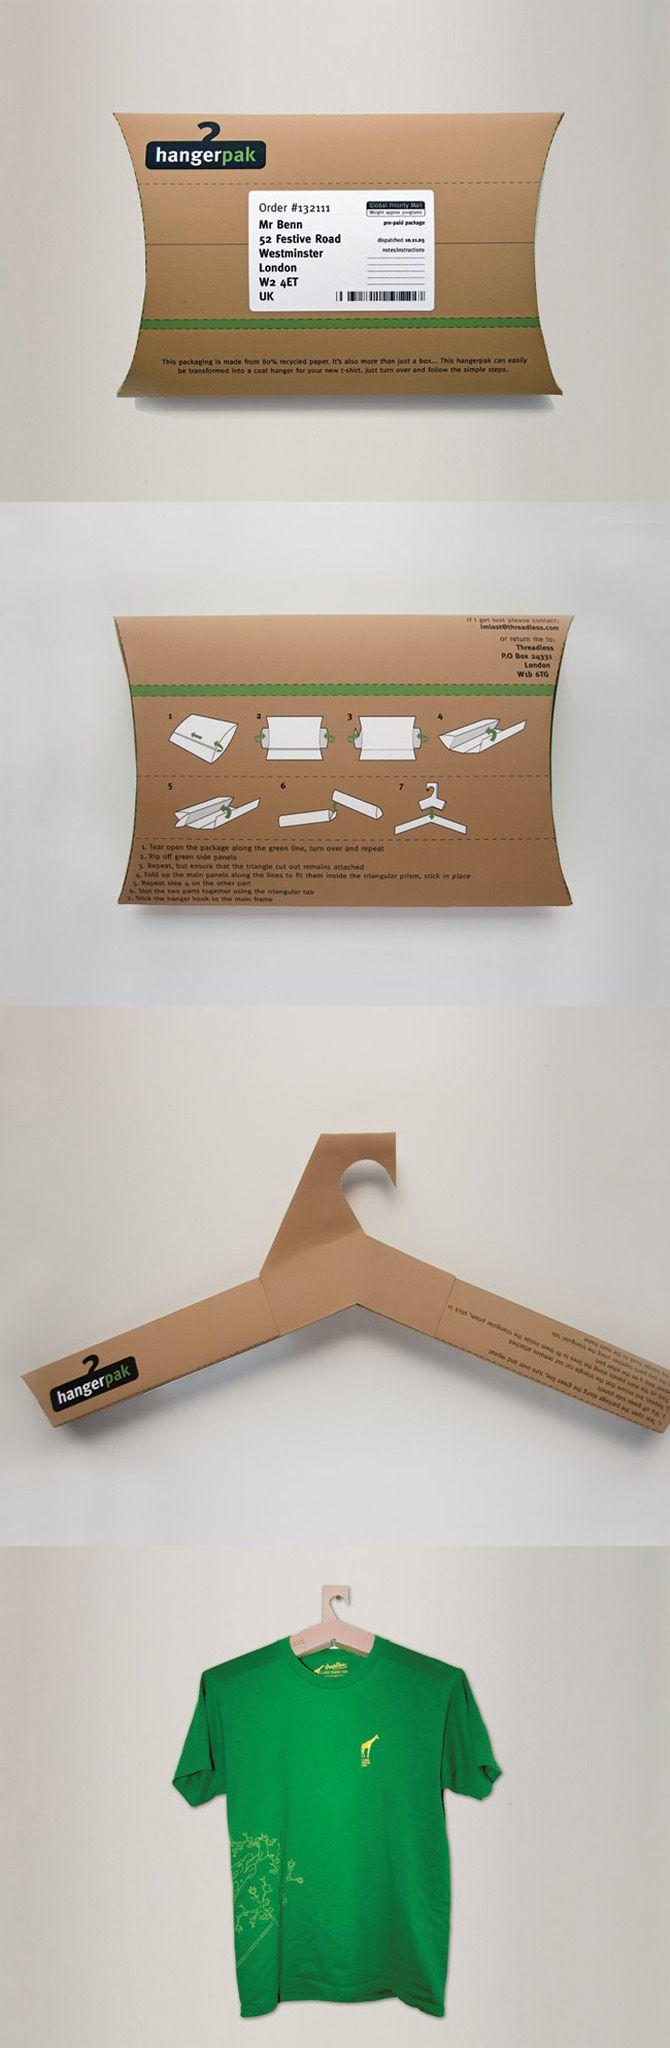 HangerPak hanger packaging                                                                                                                                                                                 More